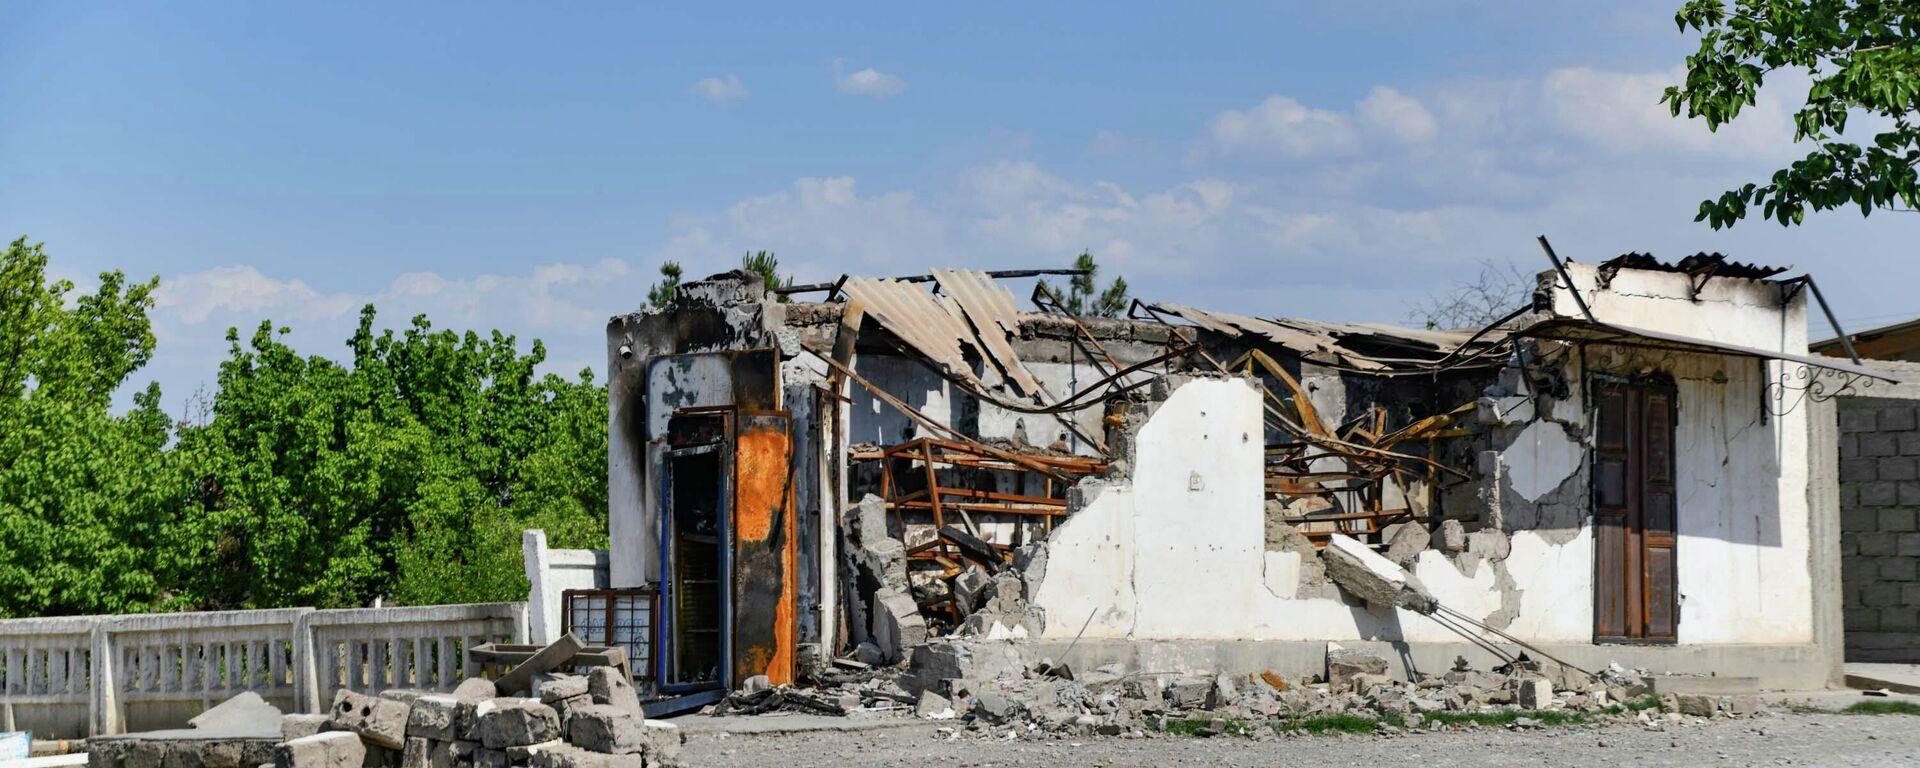 Последствия столкновений на границе между таджиками и кыргызами - Sputnik Таджикистан, 1920, 29.05.2021